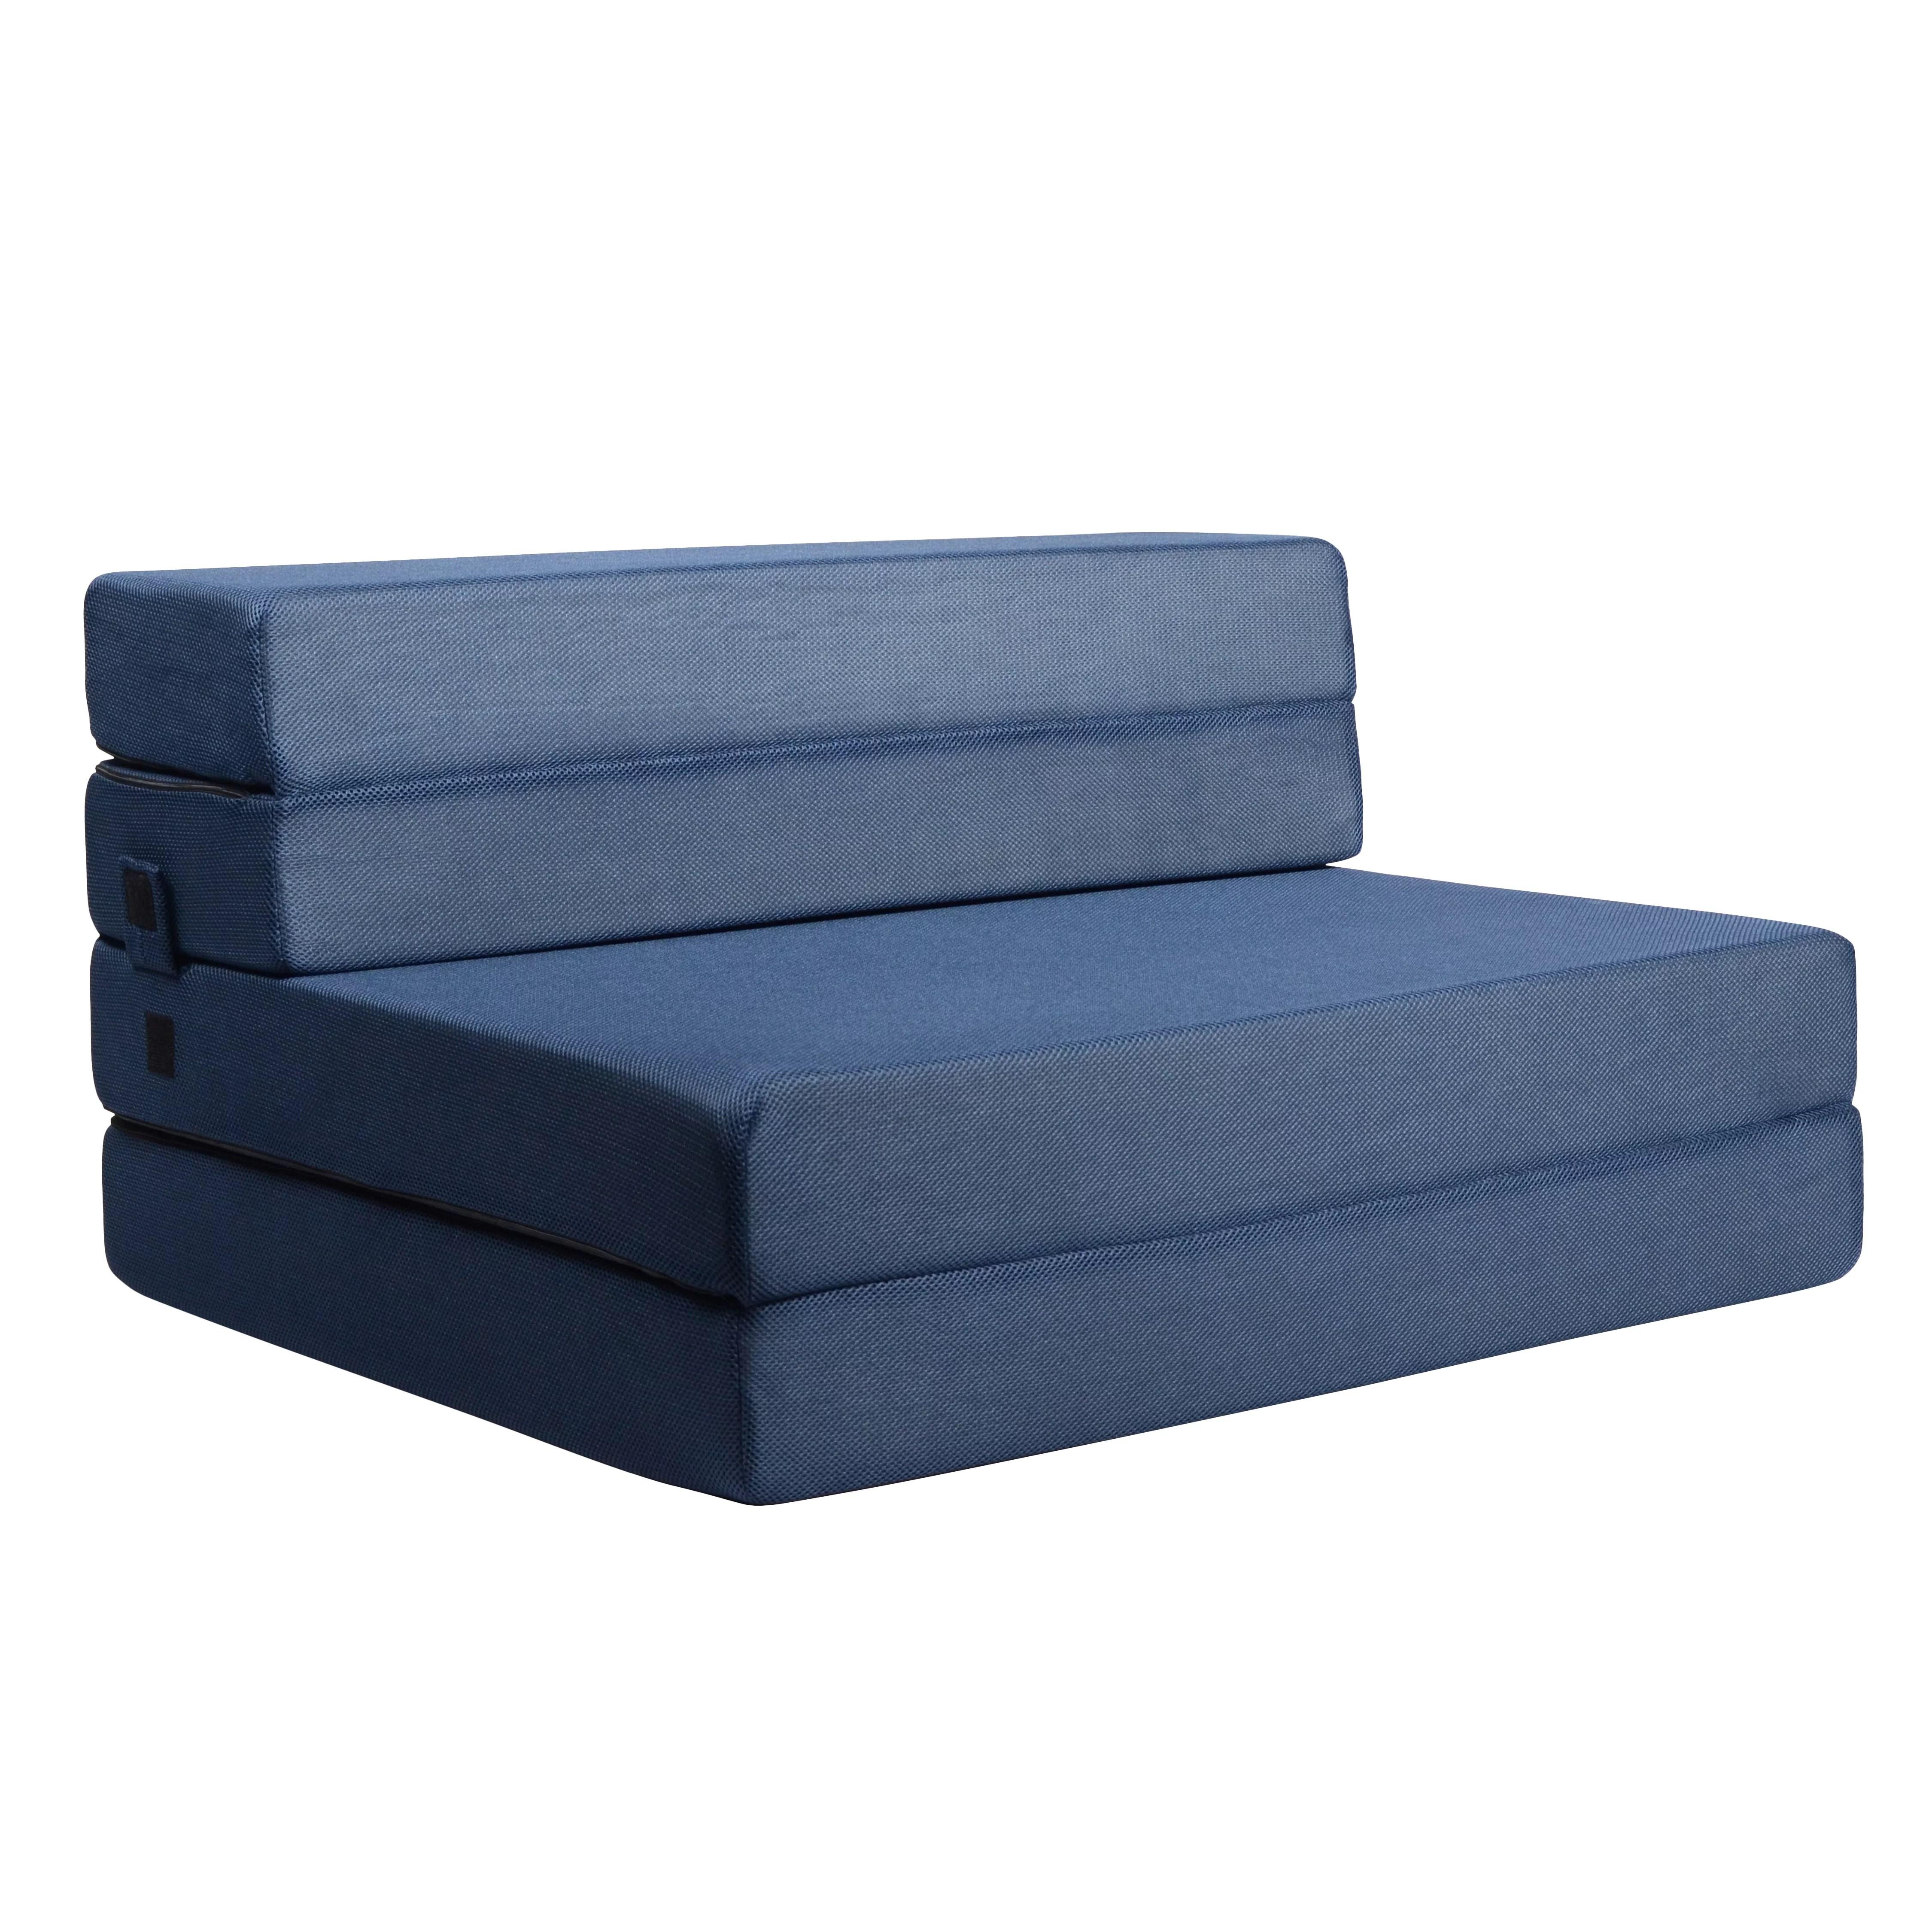 Milliard Tri Fold Foam Folding Mattress And Sofa Bed For Guests Or Floor Mat Twin Xl 78x38x4 5 Inch Walmart Com Walmart Com